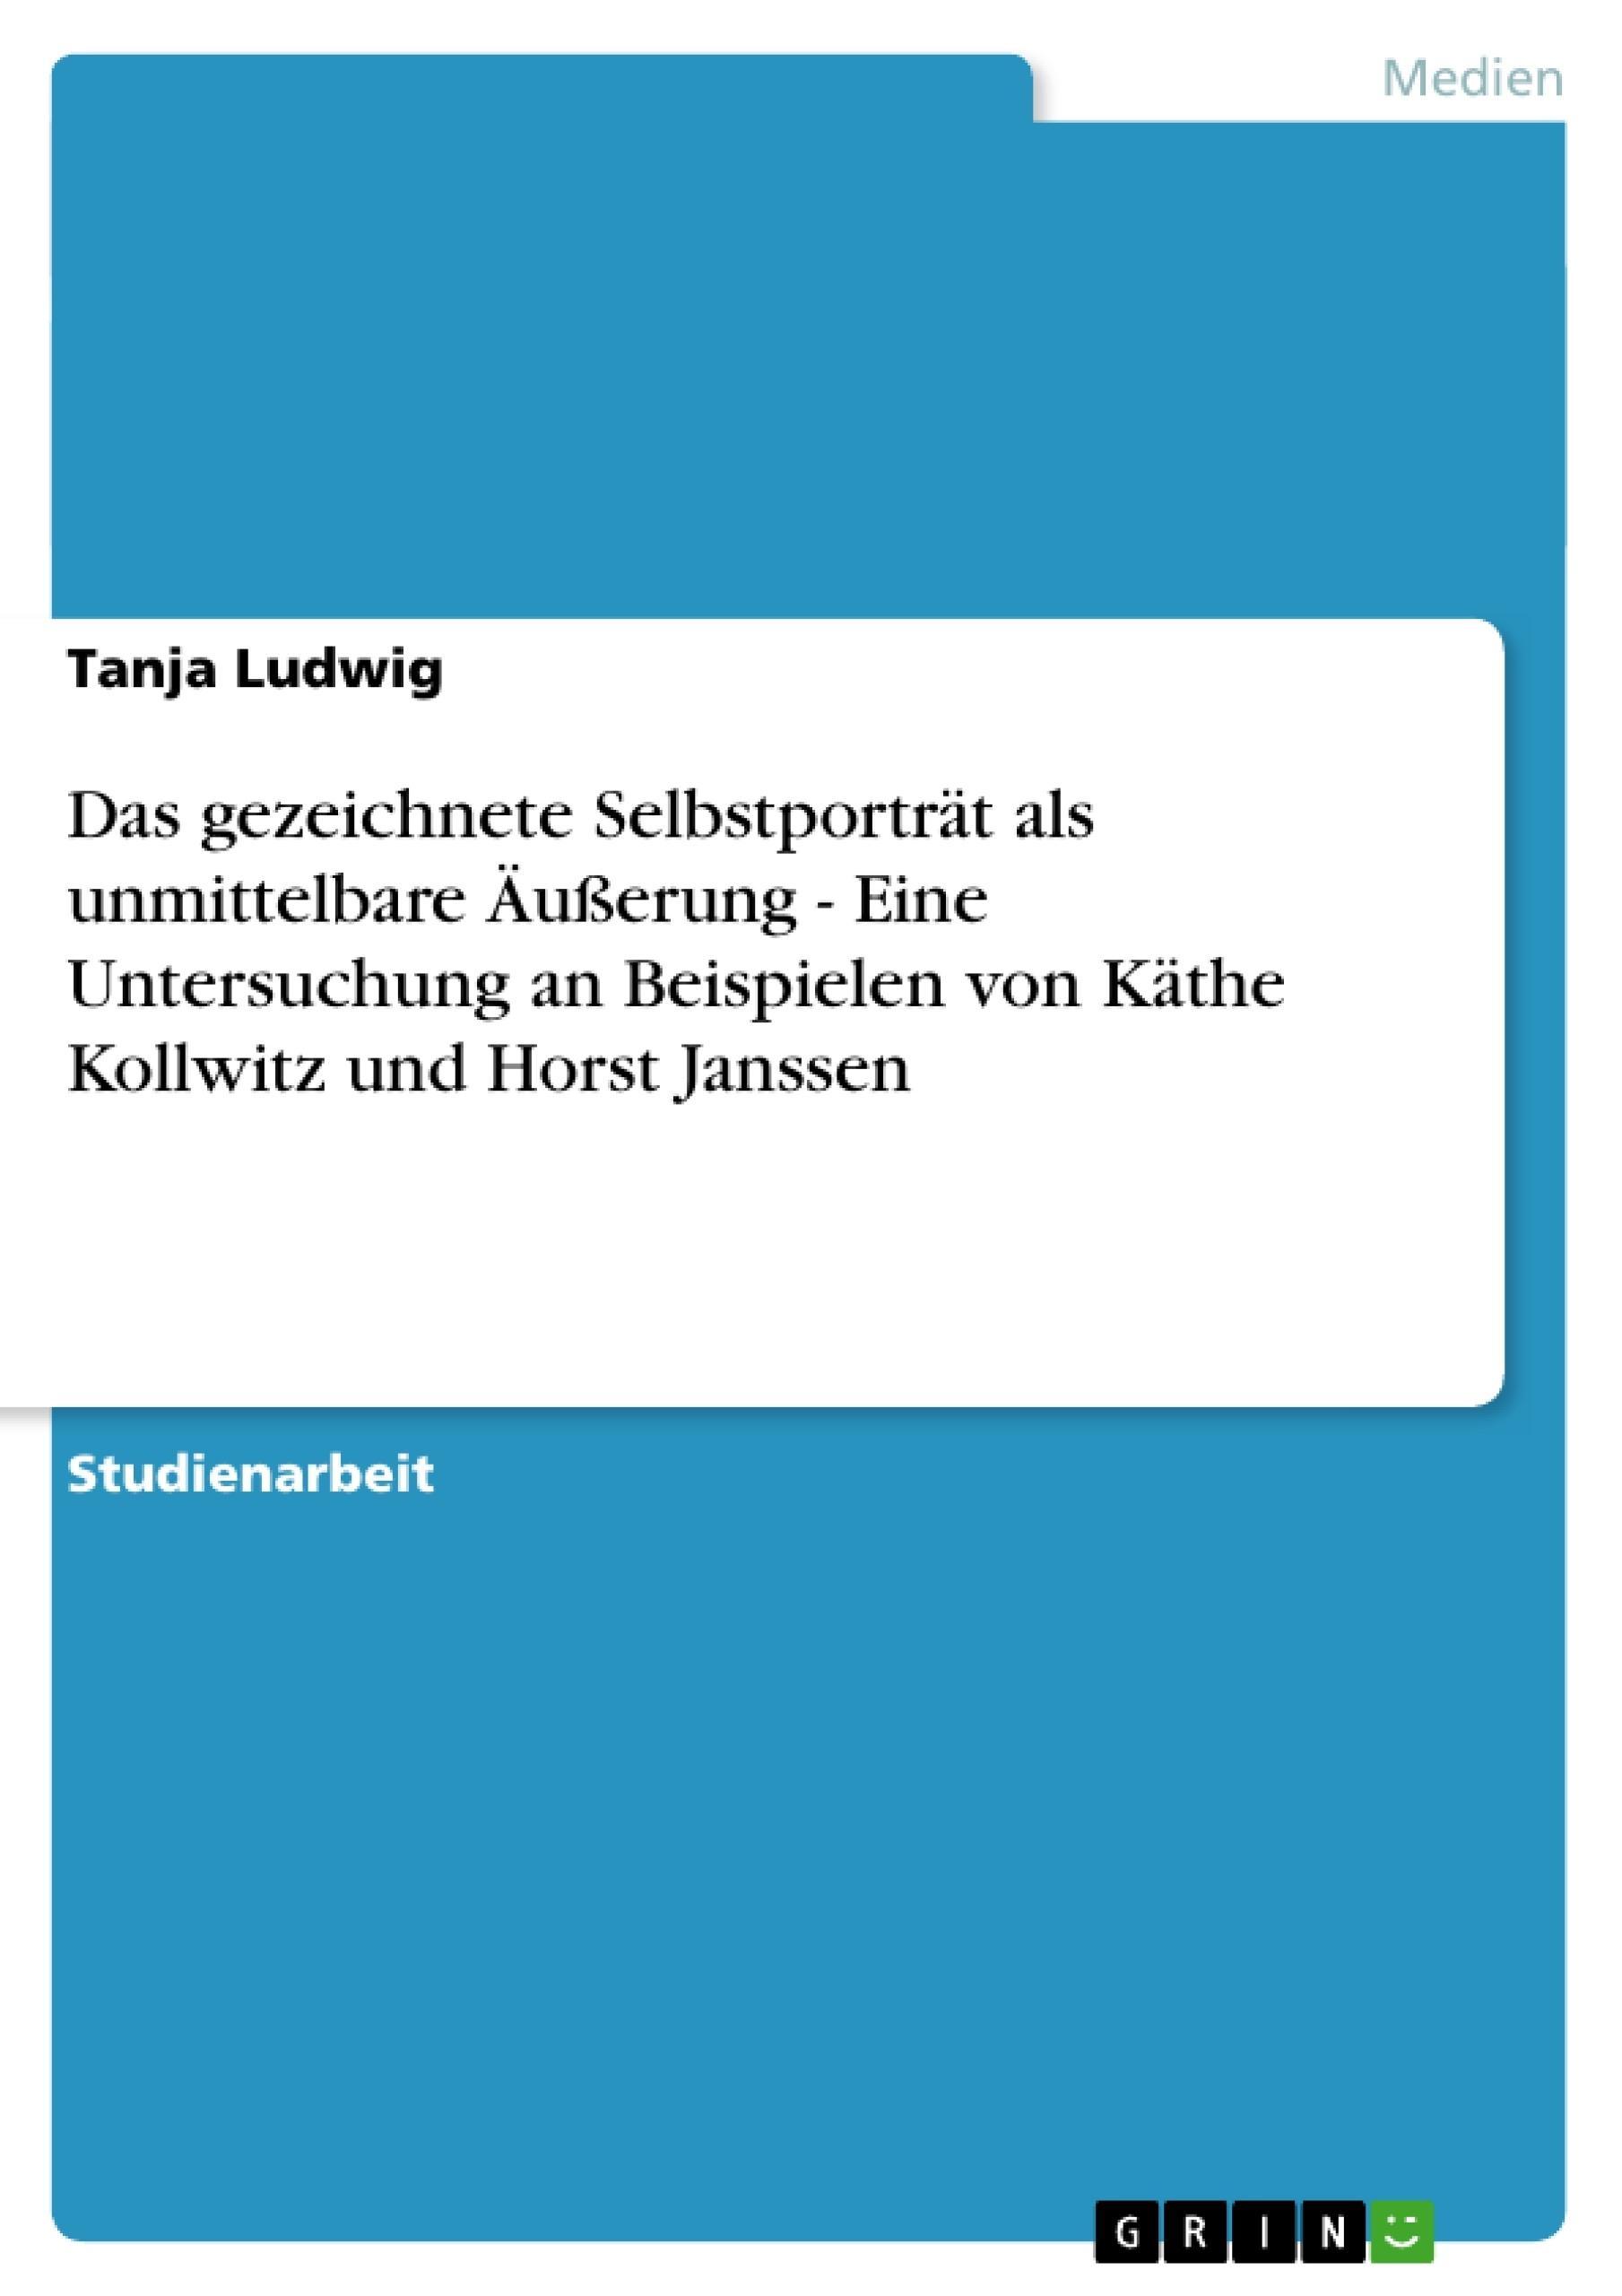 Titel: Das gezeichnete Selbstporträt als unmittelbare Äußerung - Eine Untersuchung an Beispielen von Käthe Kollwitz und Horst Janssen